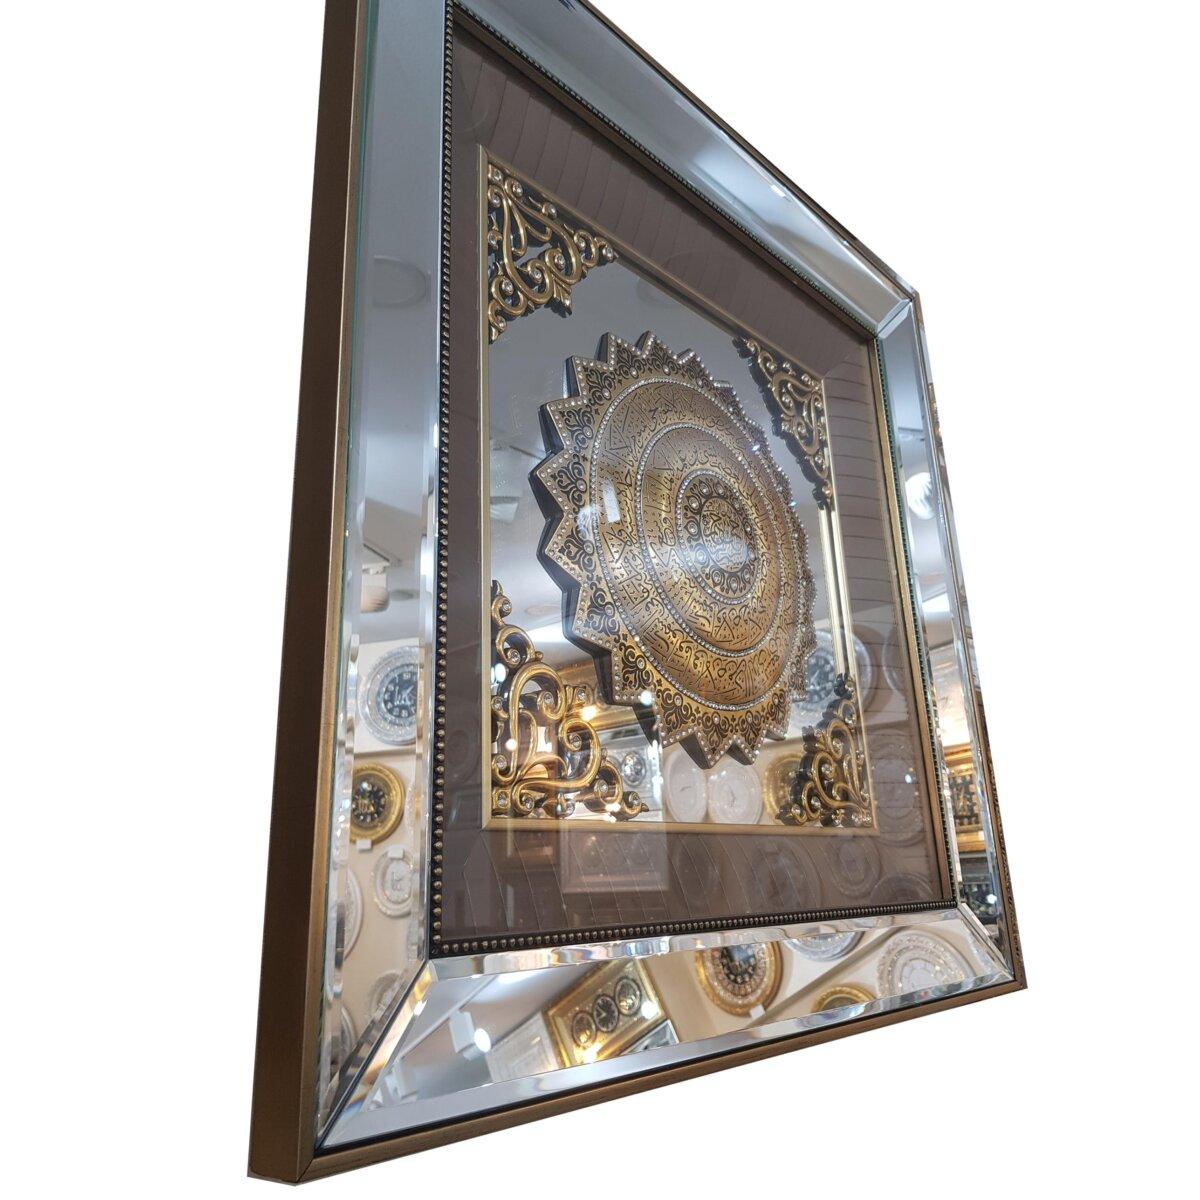 55x55CM Ayetel Kürsi Ayetli Dini Tam Aynalı Tablo Papatya Ayetli Ürünler